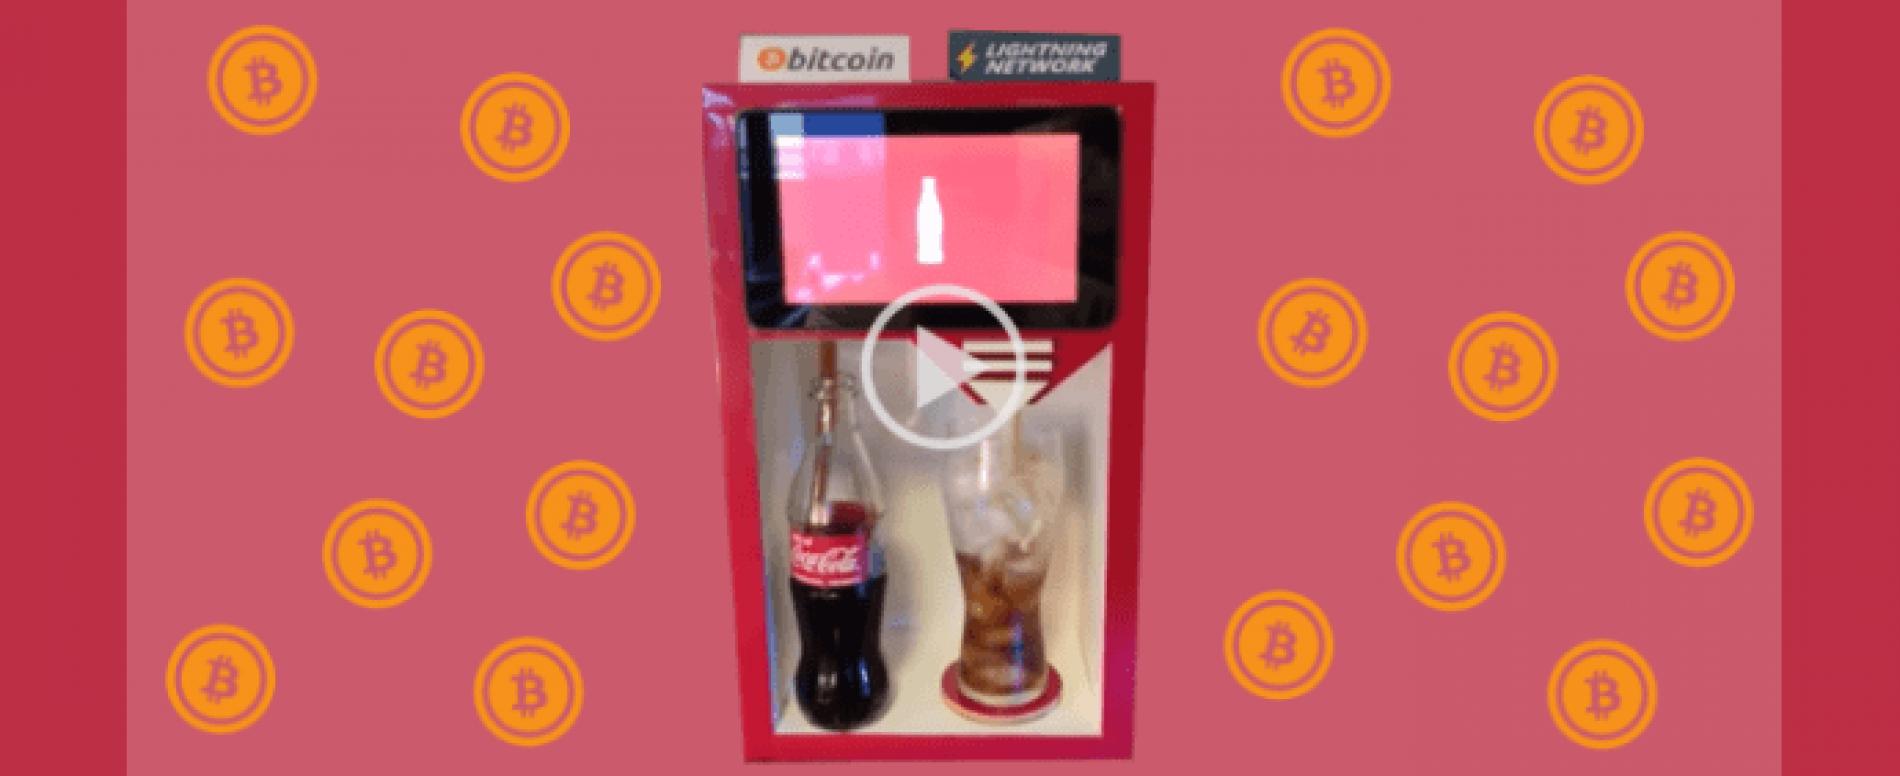 Vending e Bitcoin. Ci prova un hardware hacker spagnolo